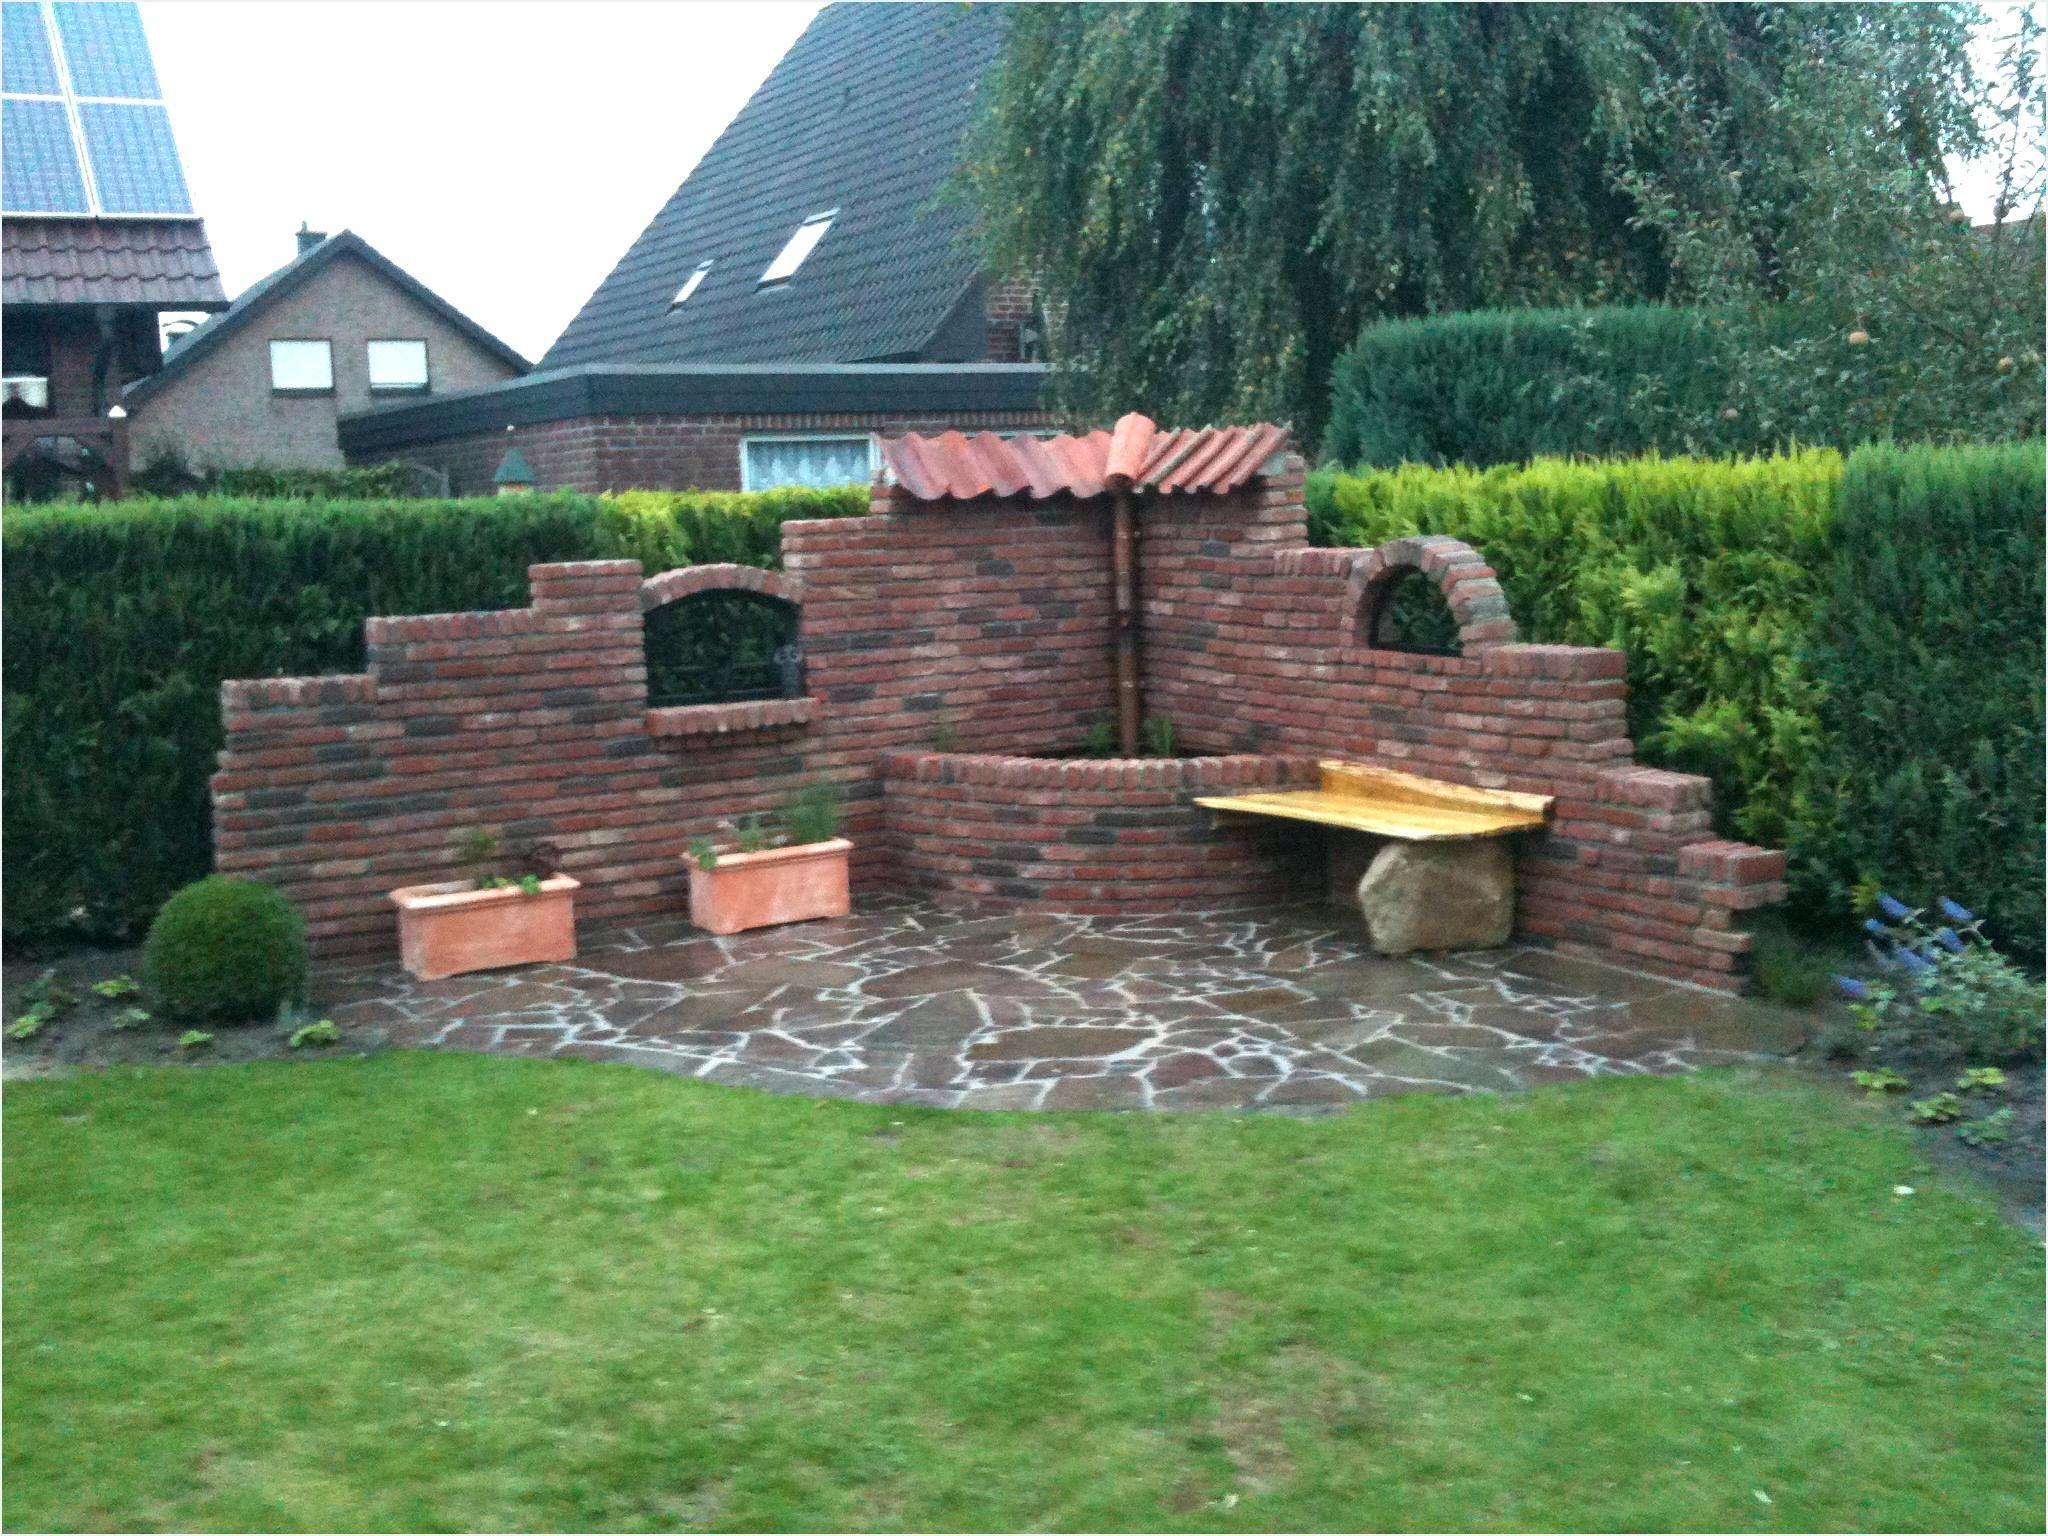 Ruinenmauer Im Garten Steinmauer Garten Ruinenmauer Gartenmauern